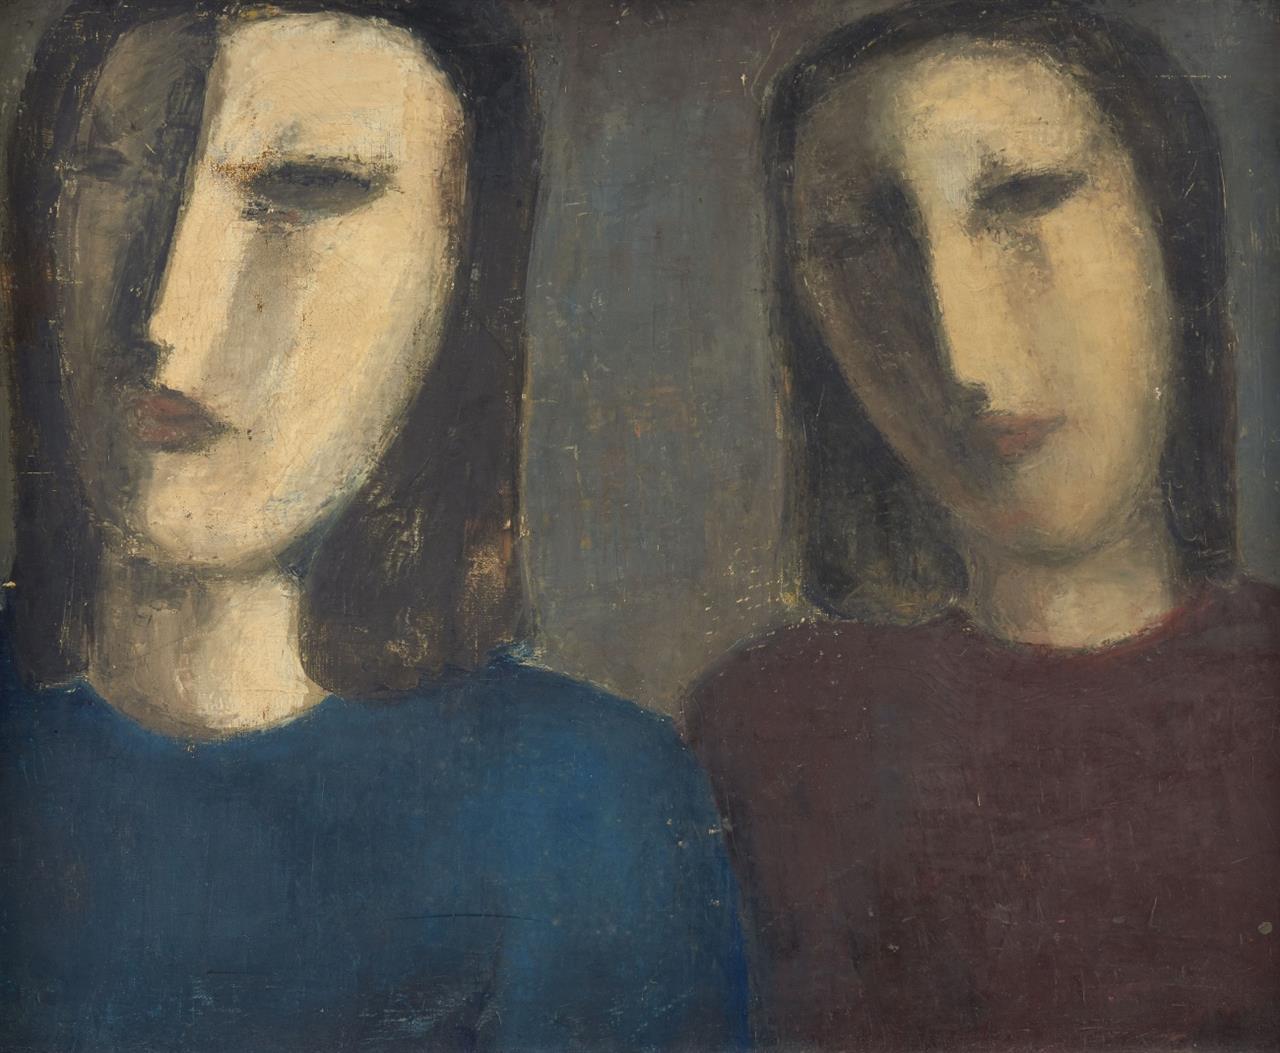 Peter Herkenrath. Ohne Titel (Zwei Frauen). Wohl 1935. Öl auf Leinwand. Verso signiert.